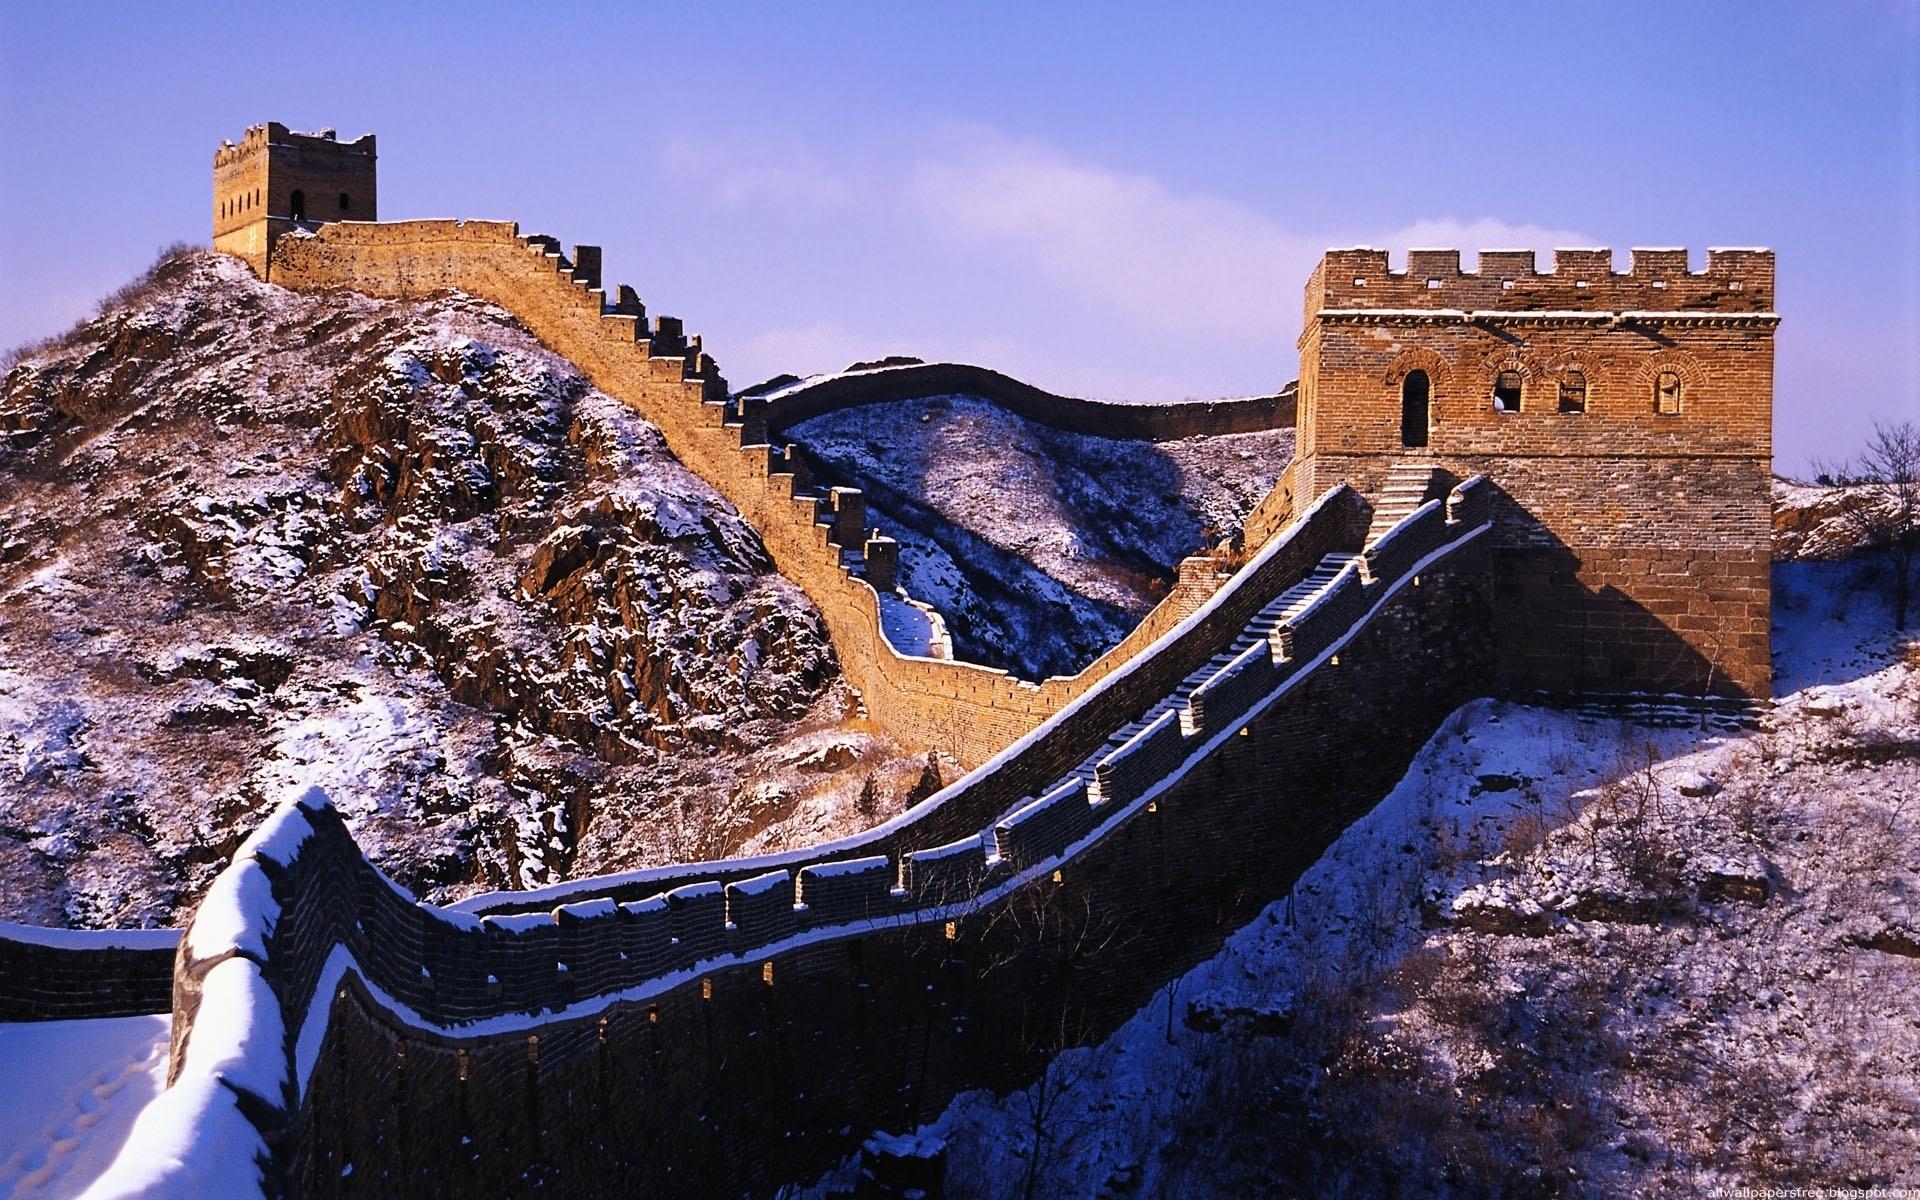 26074 скачать обои Пейзаж, Горы, Архитектура, Великая Китайская Стена - заставки и картинки бесплатно